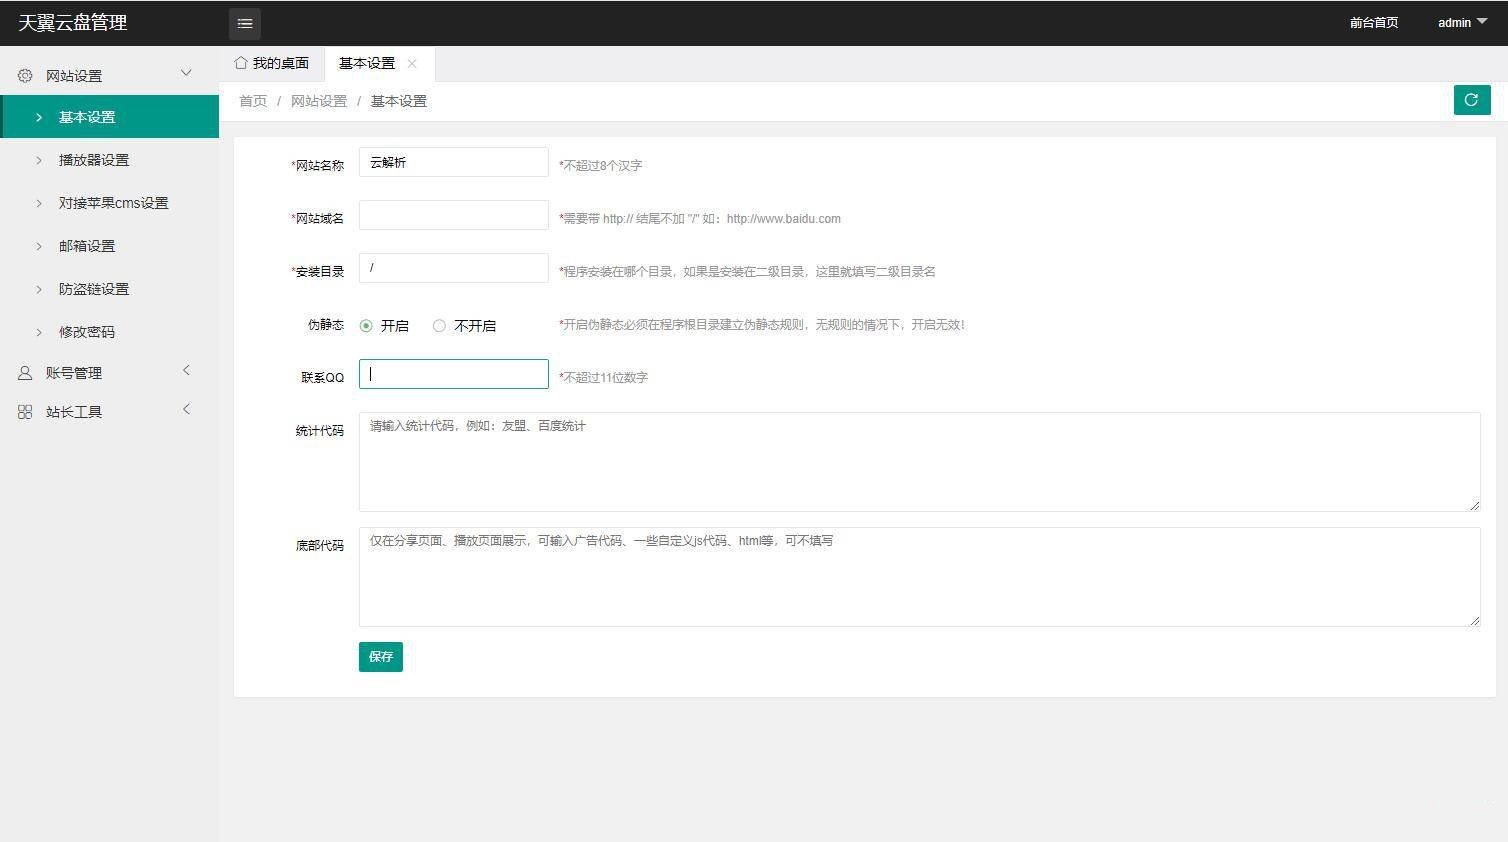 天翼云天翼网盘在线直链解析网站系统源码-爱资源分享